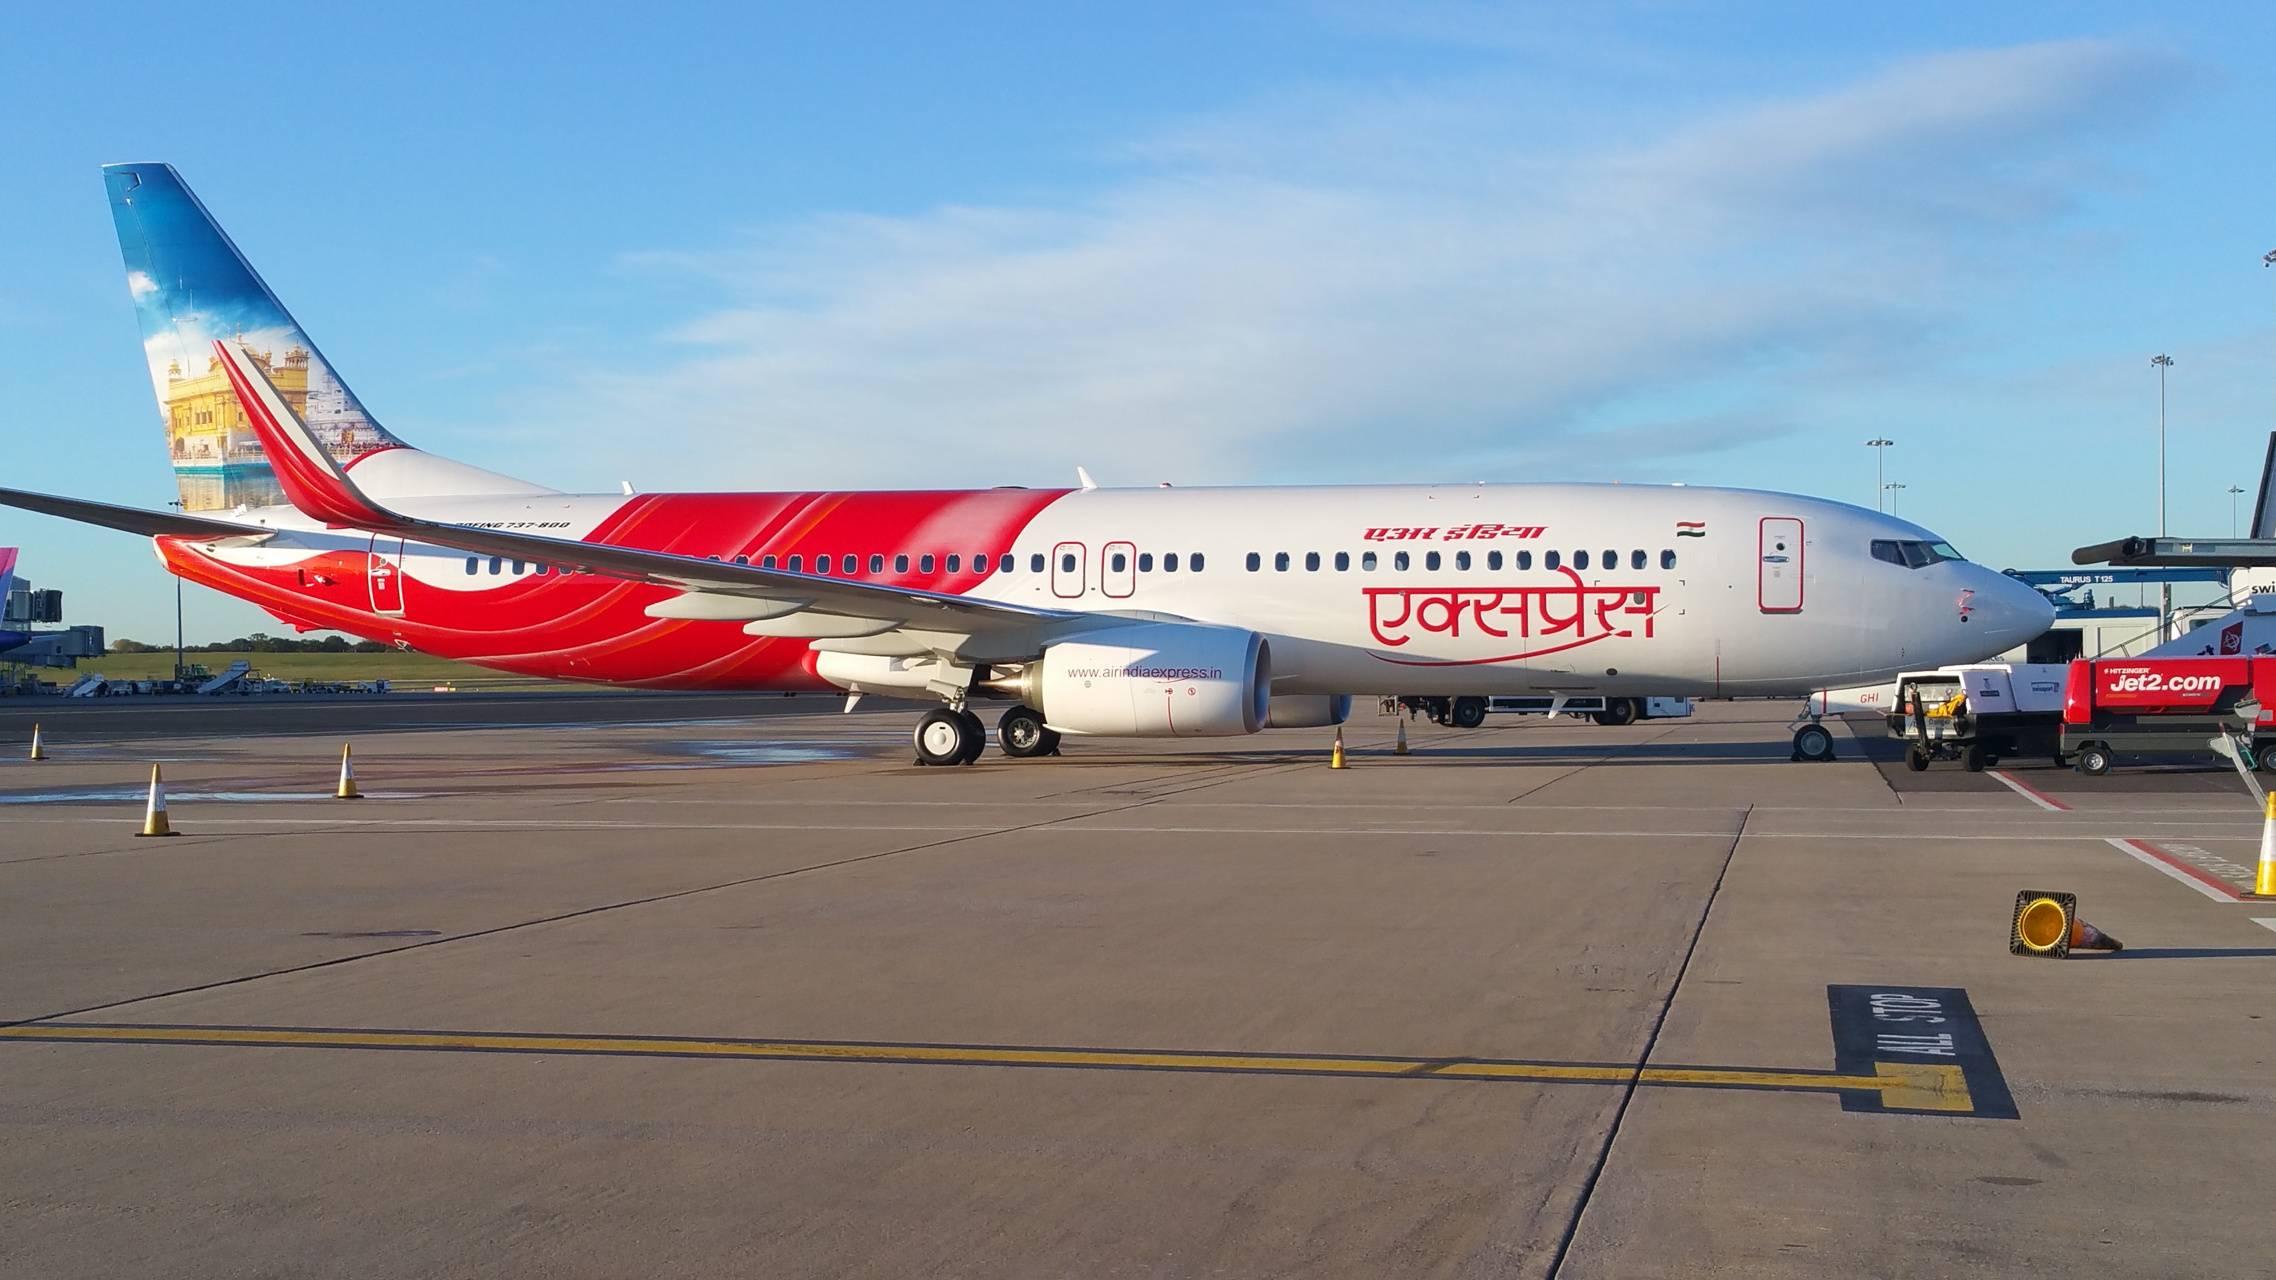 Air Indian express